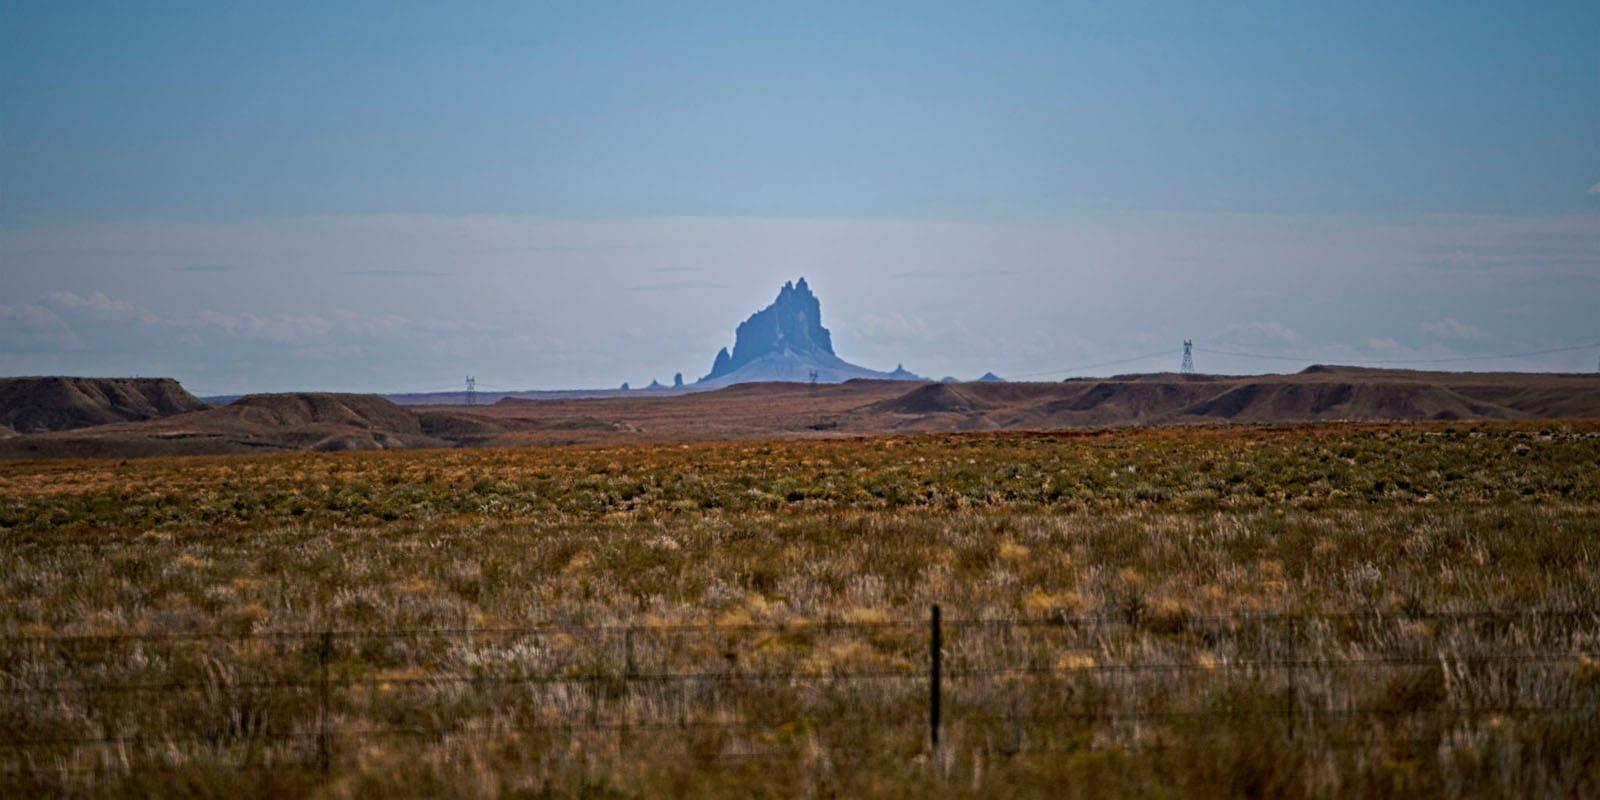 Towaoc Colorado View of Shiprock Mountain NM